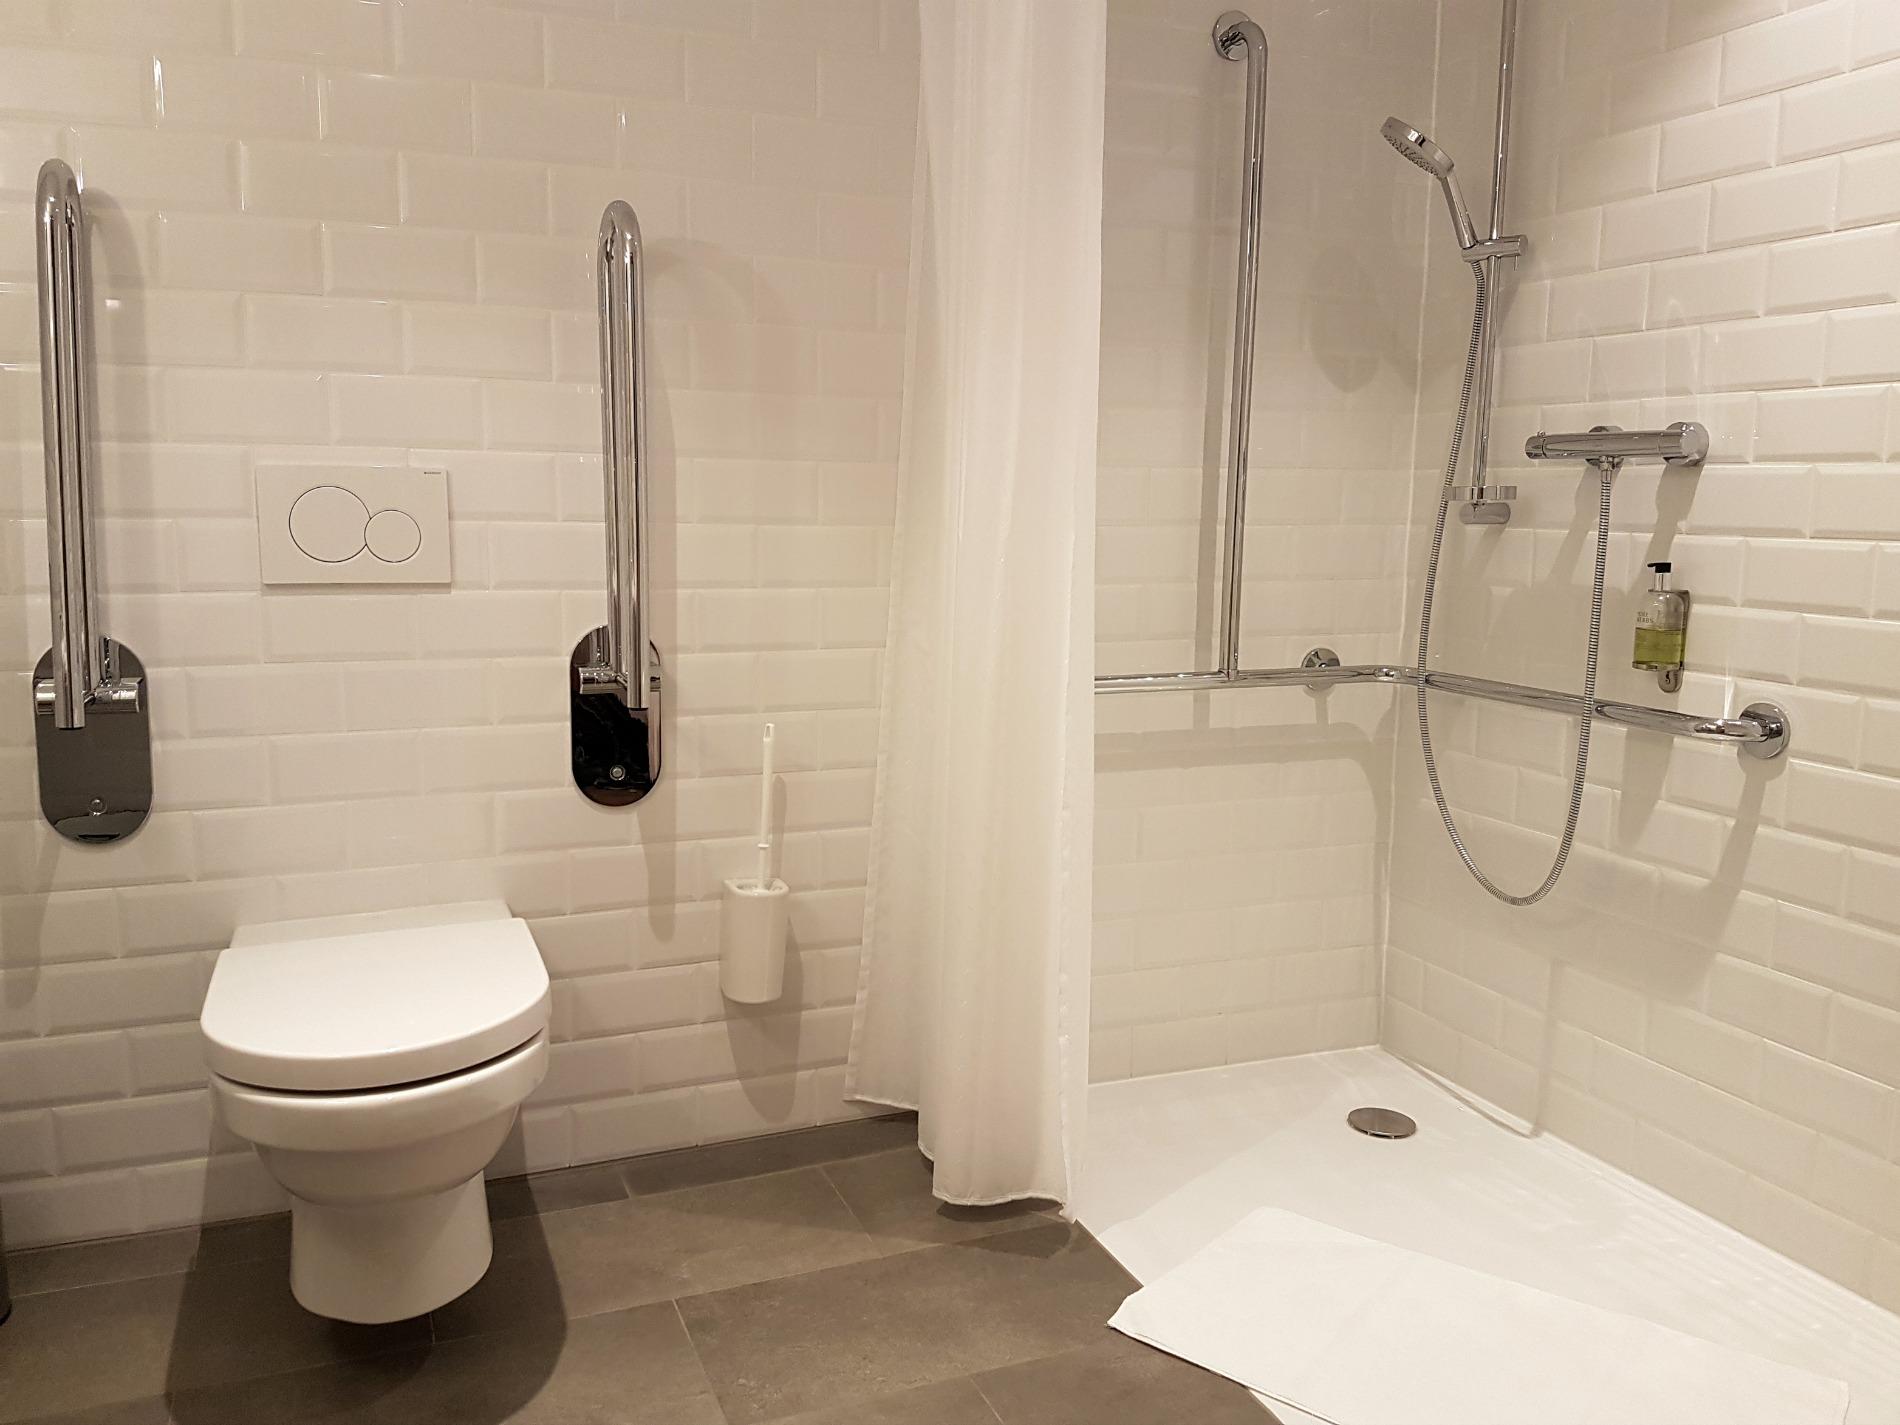 hotel-schani-wien-accessible-bathroom-toilet-roll-in-shower